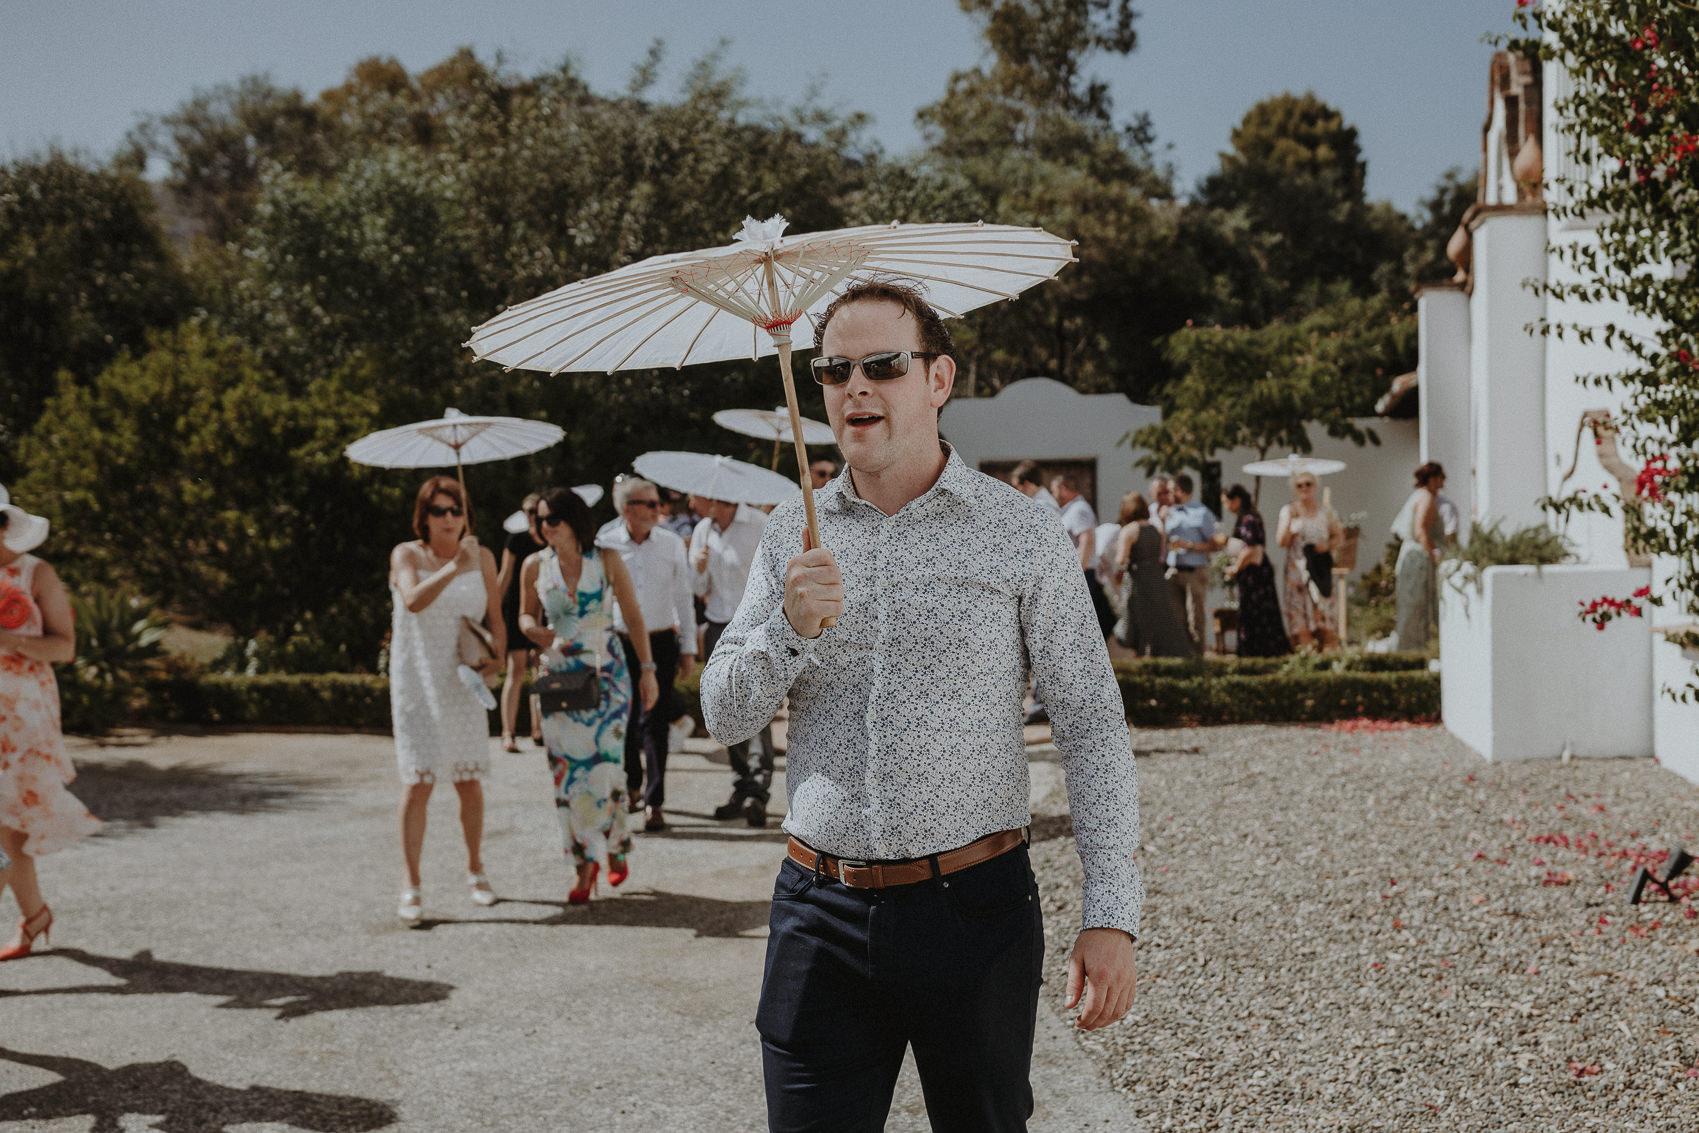 Sarah & Bill | Summer wedding at Cortijo Rosa Blanca | Marbella - Spain 61